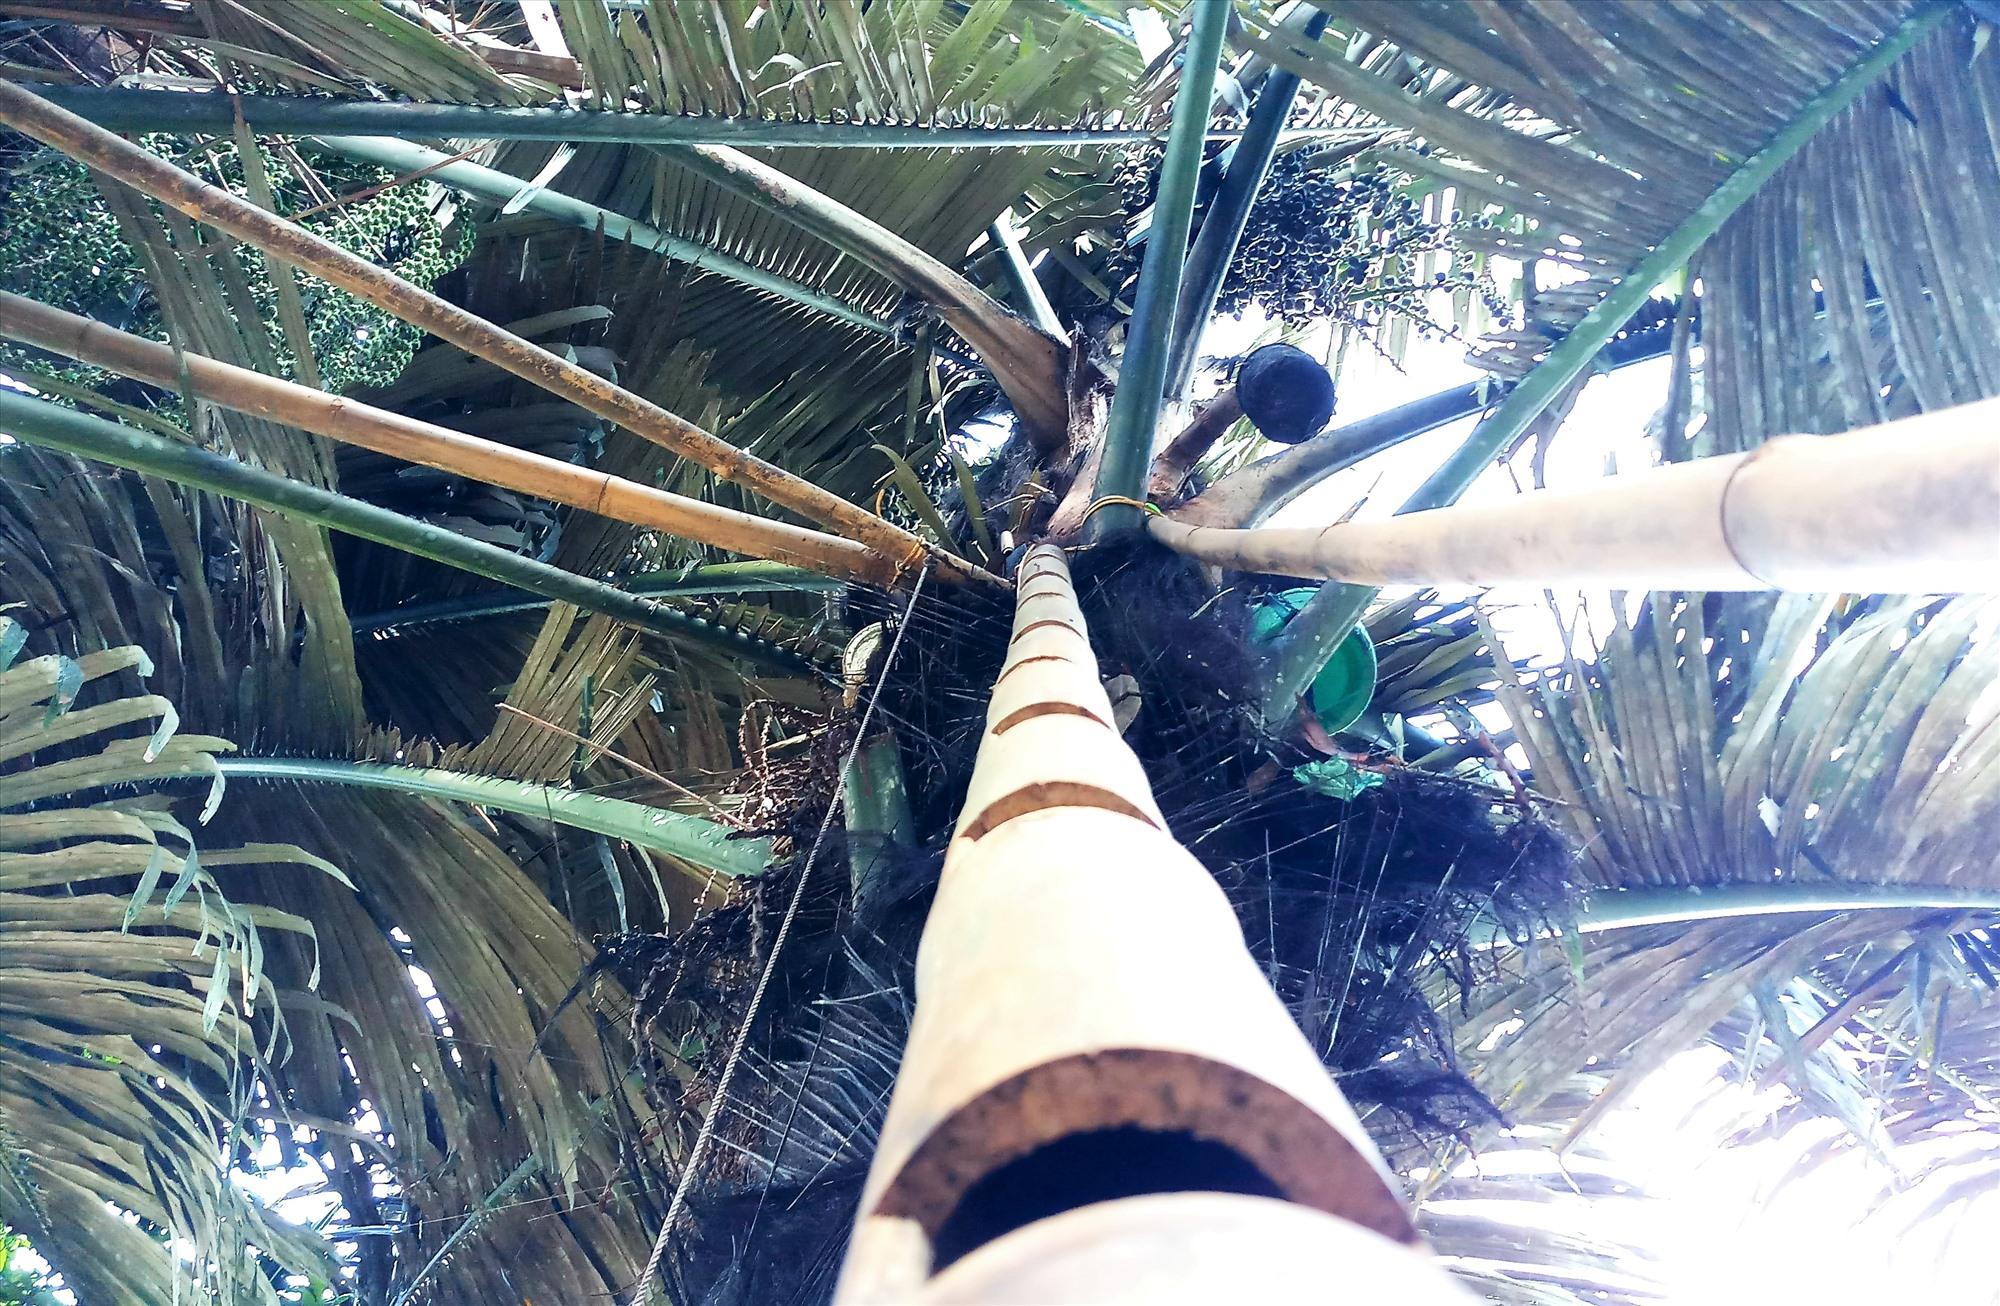 """Trên những chùm cây tà vạc, người vùng cao thường đặt chiếc thang để leo khai thác """"rượu trời"""". Ảnh: Đ.N"""